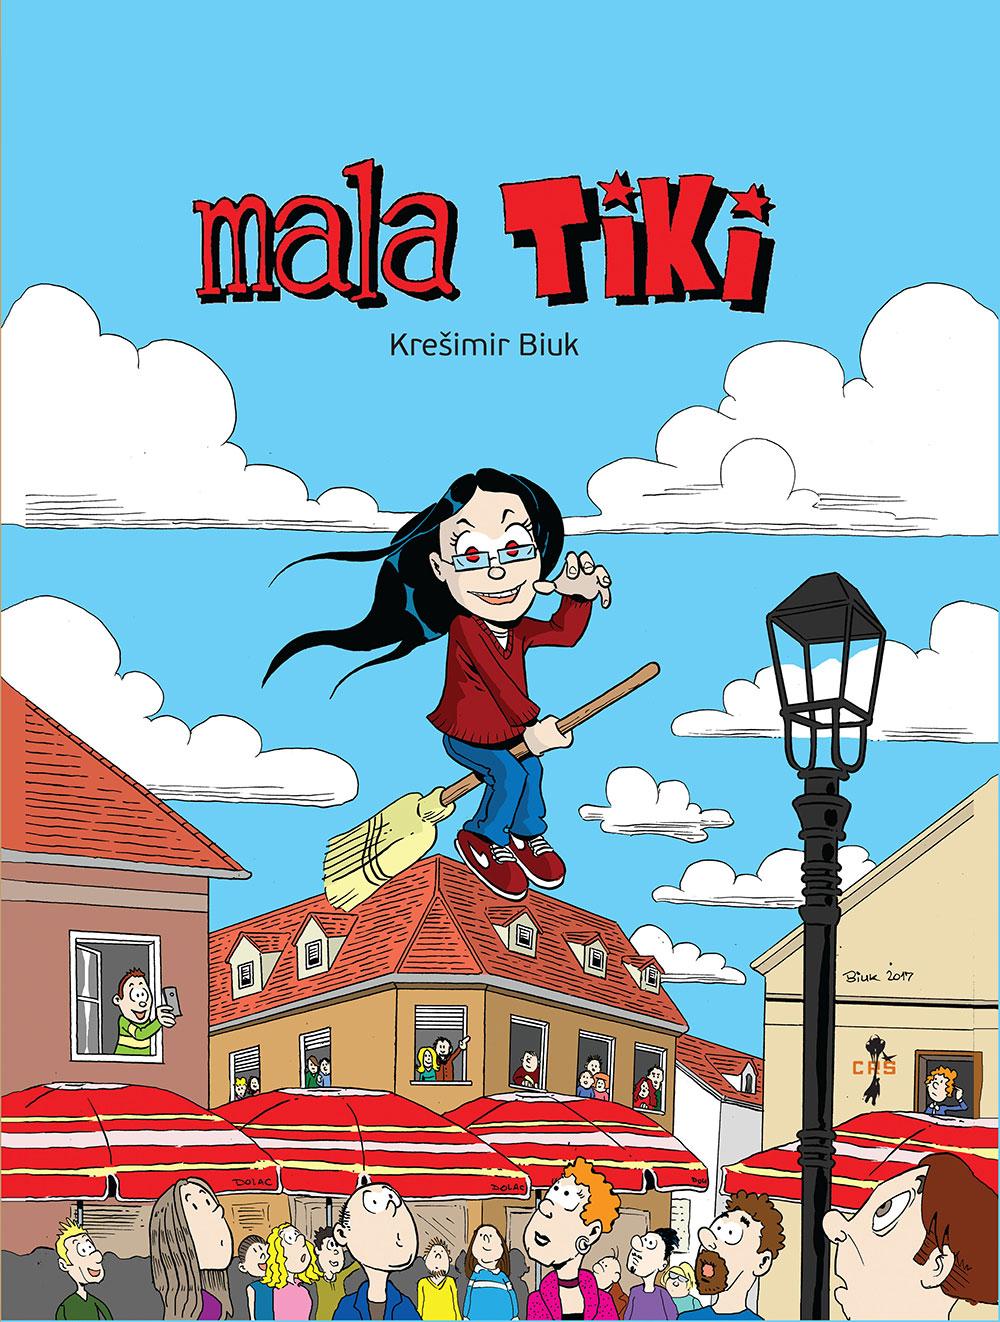 Mala Tiki